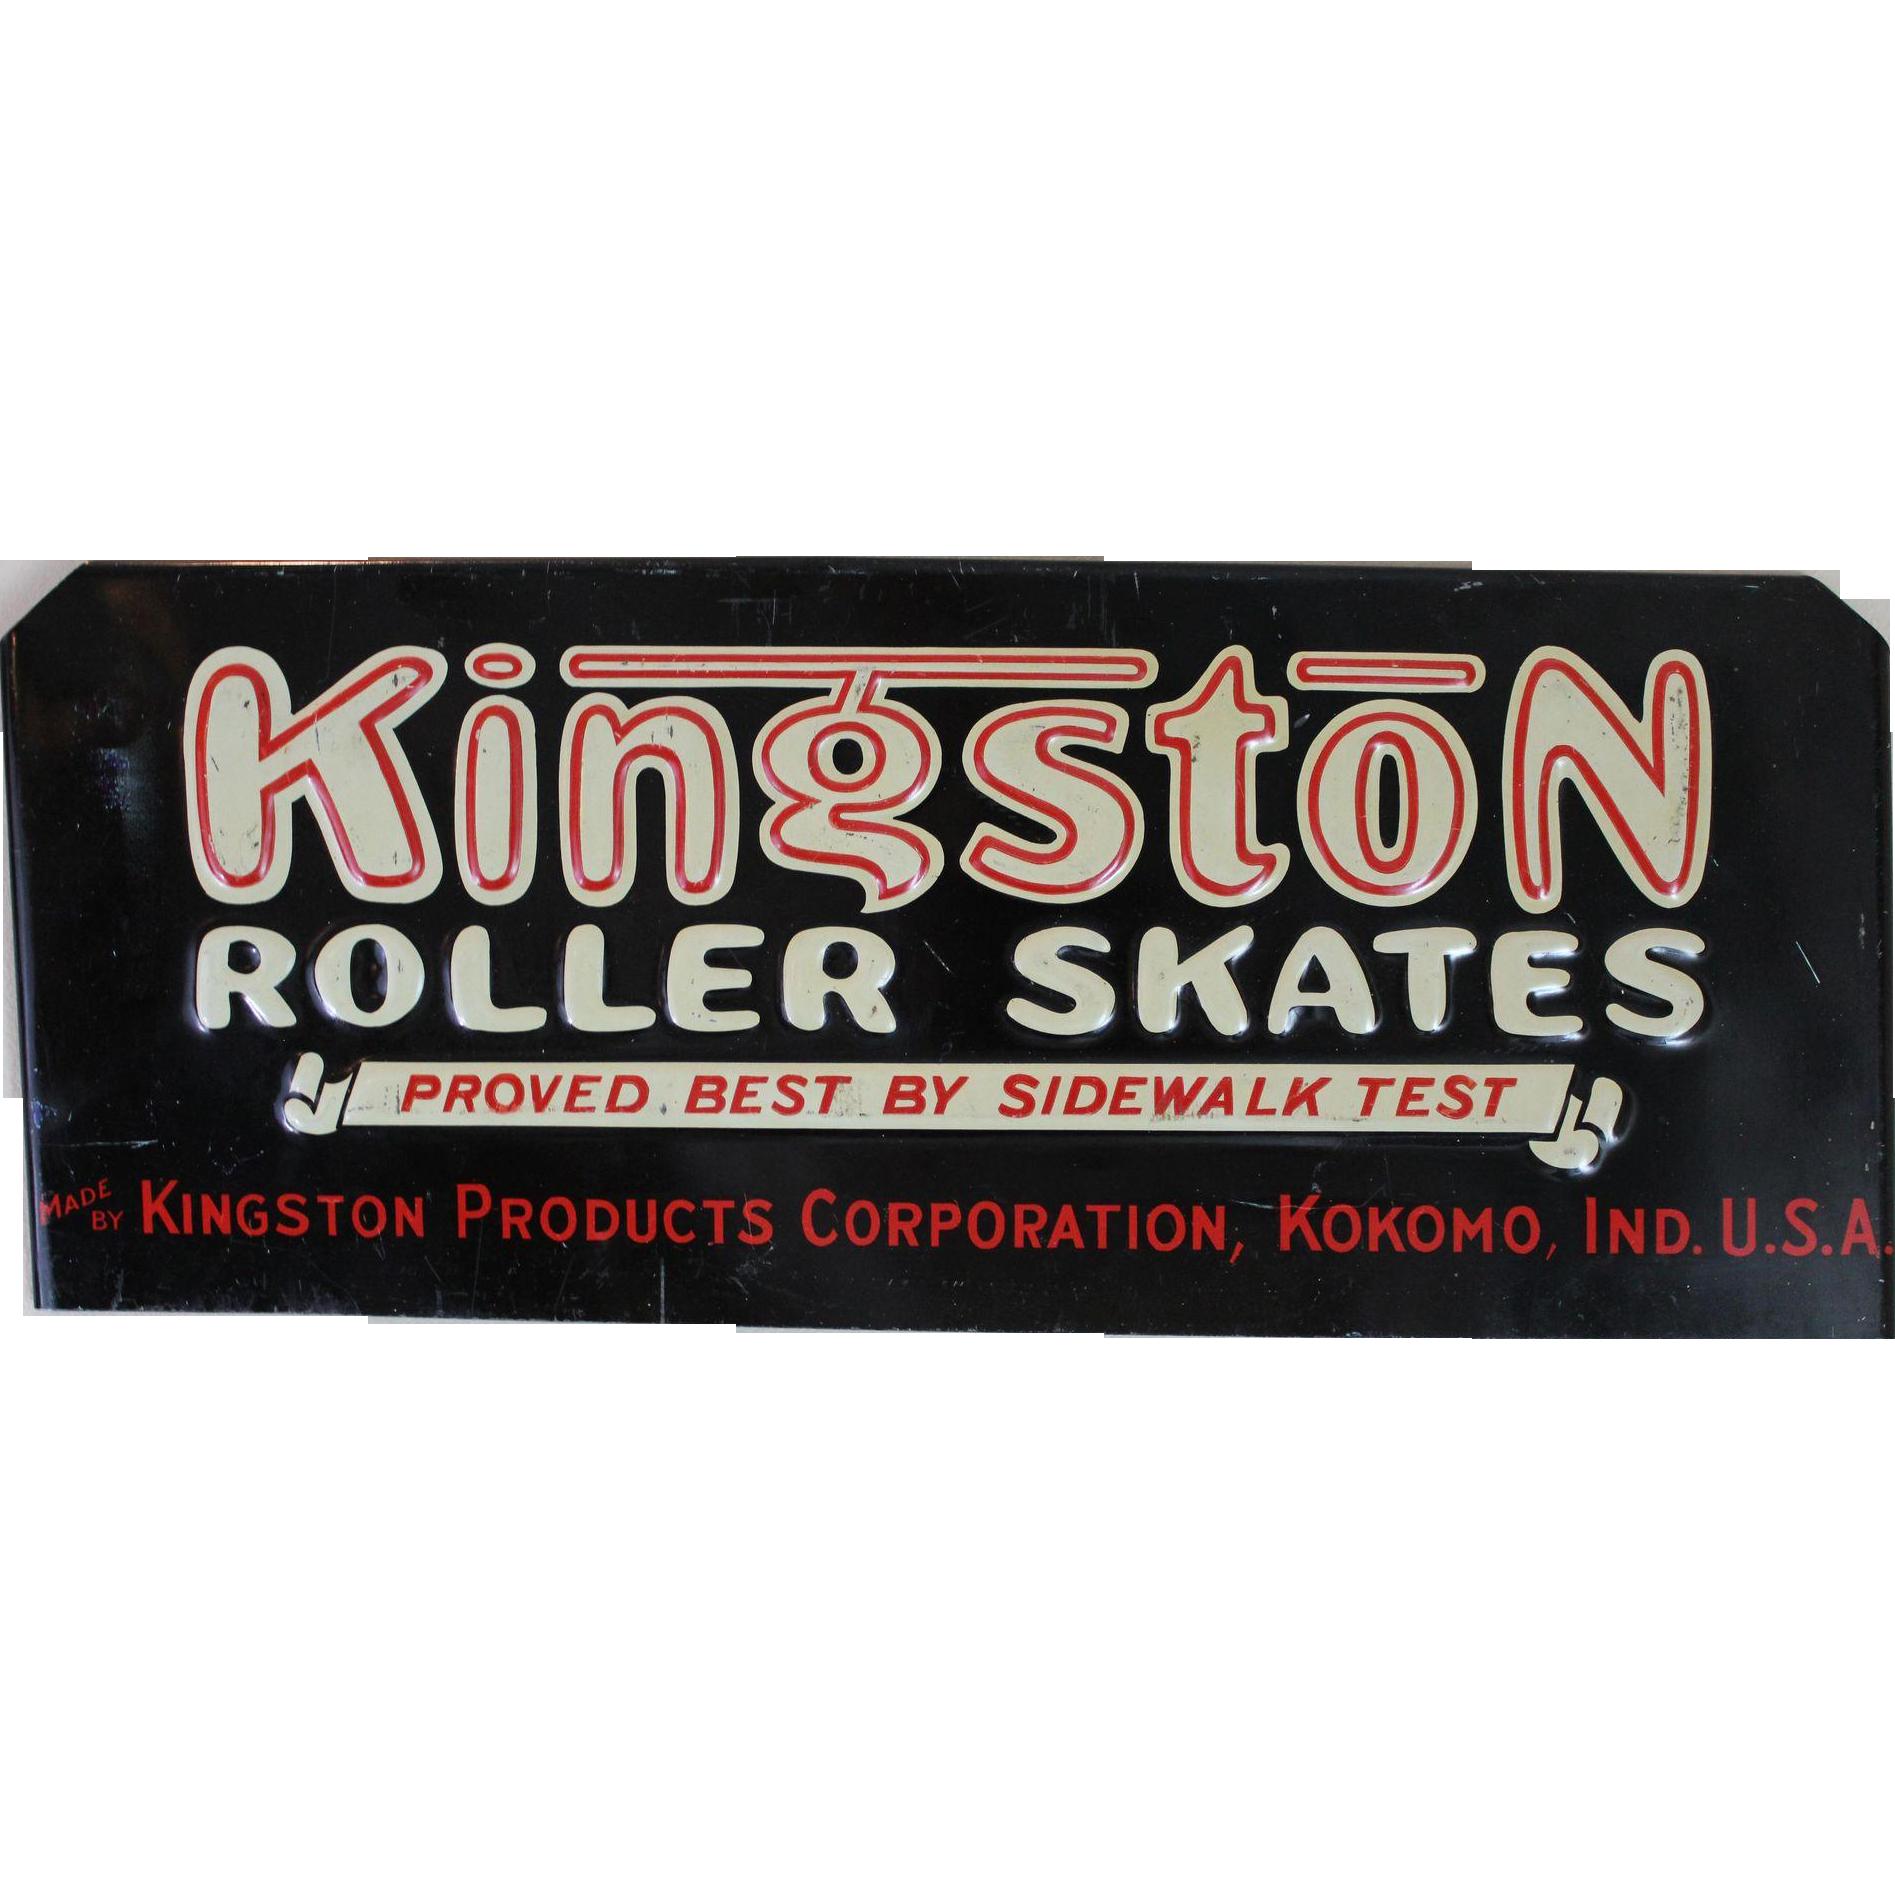 Roller skates kingston - Embossed Kingston Roller Skates Metal Sign